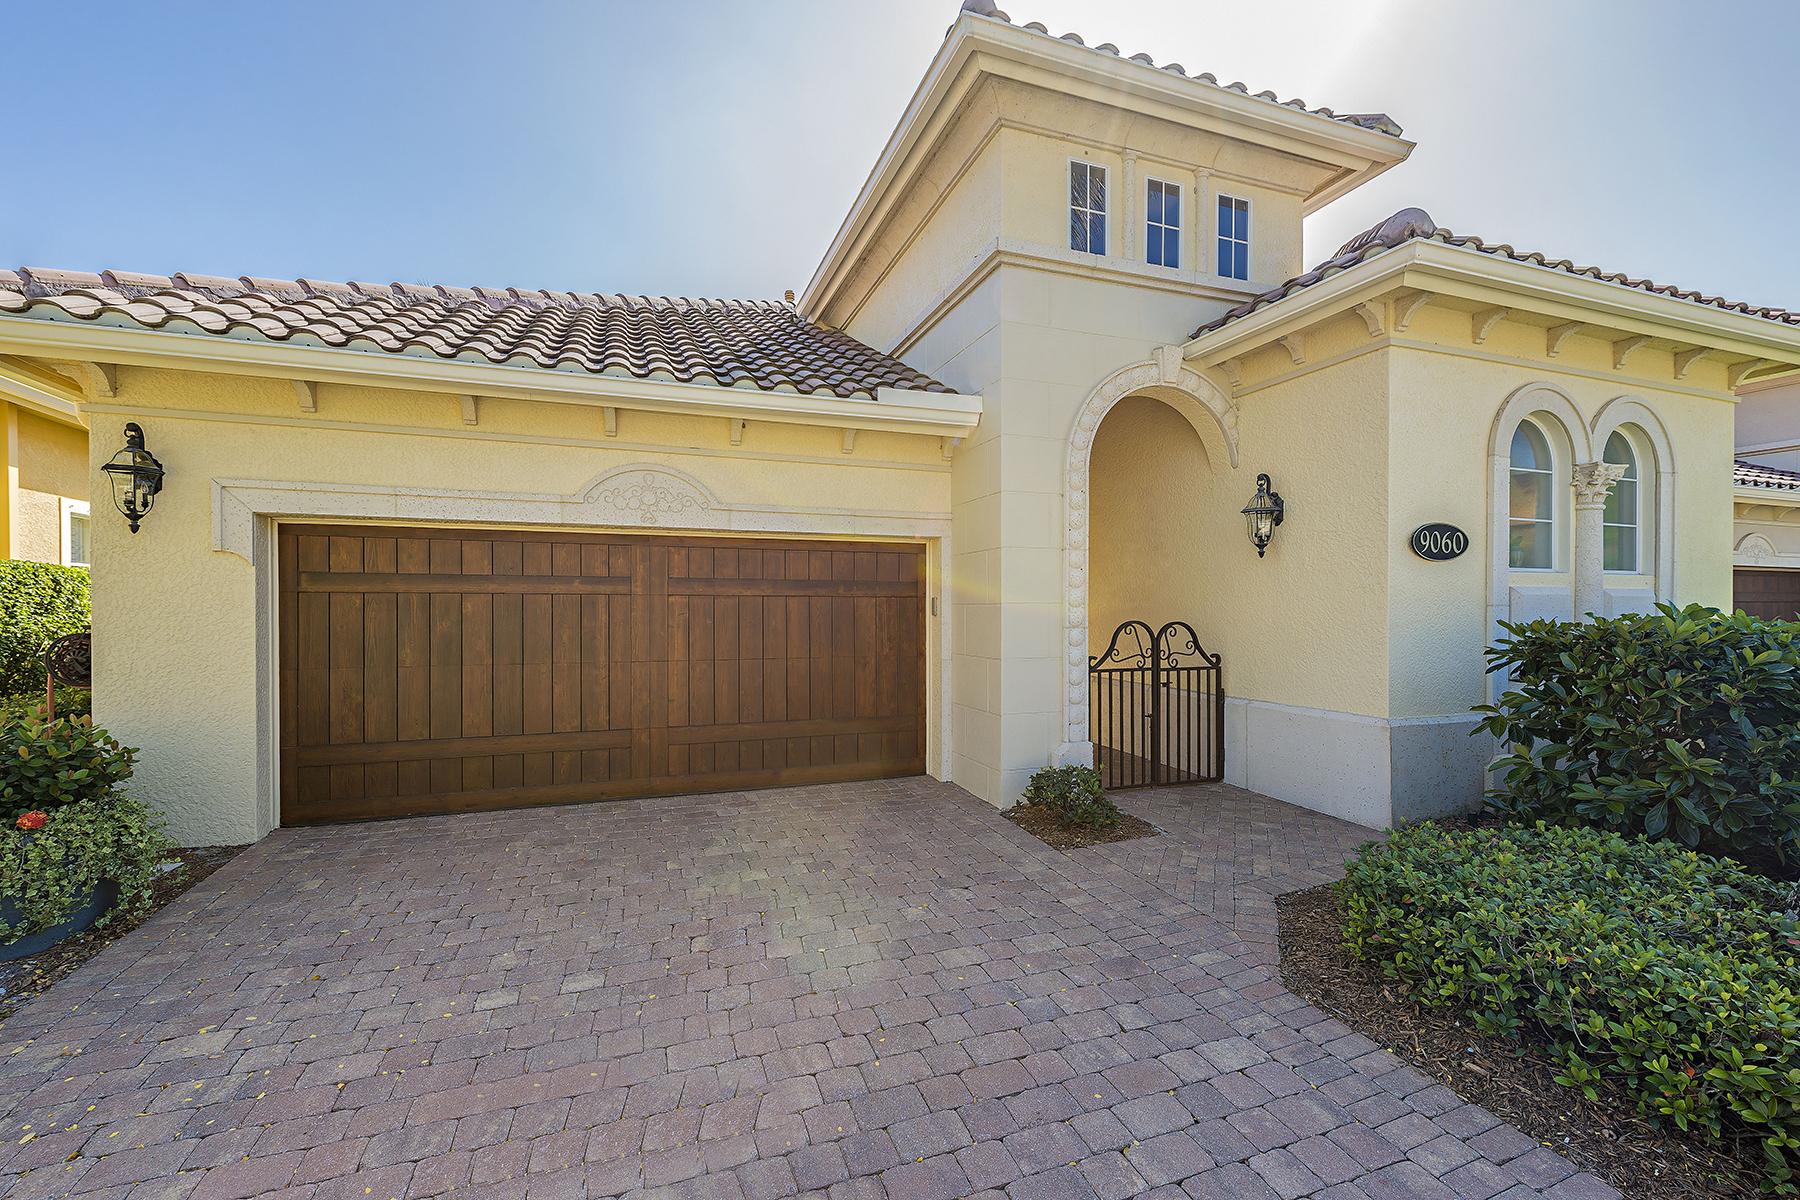 一戸建て のために 売買 アット FIDDLER'S CREEK - CRANBERRY CROSSING 9060 Cherry Oaks Trl Naples, フロリダ, 34114 アメリカ合衆国